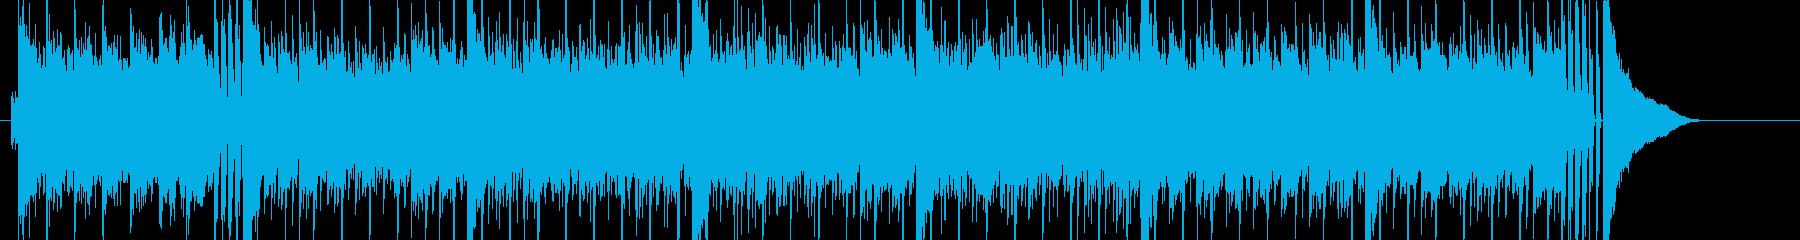 爽やかで近未来的なテクノポップの再生済みの波形